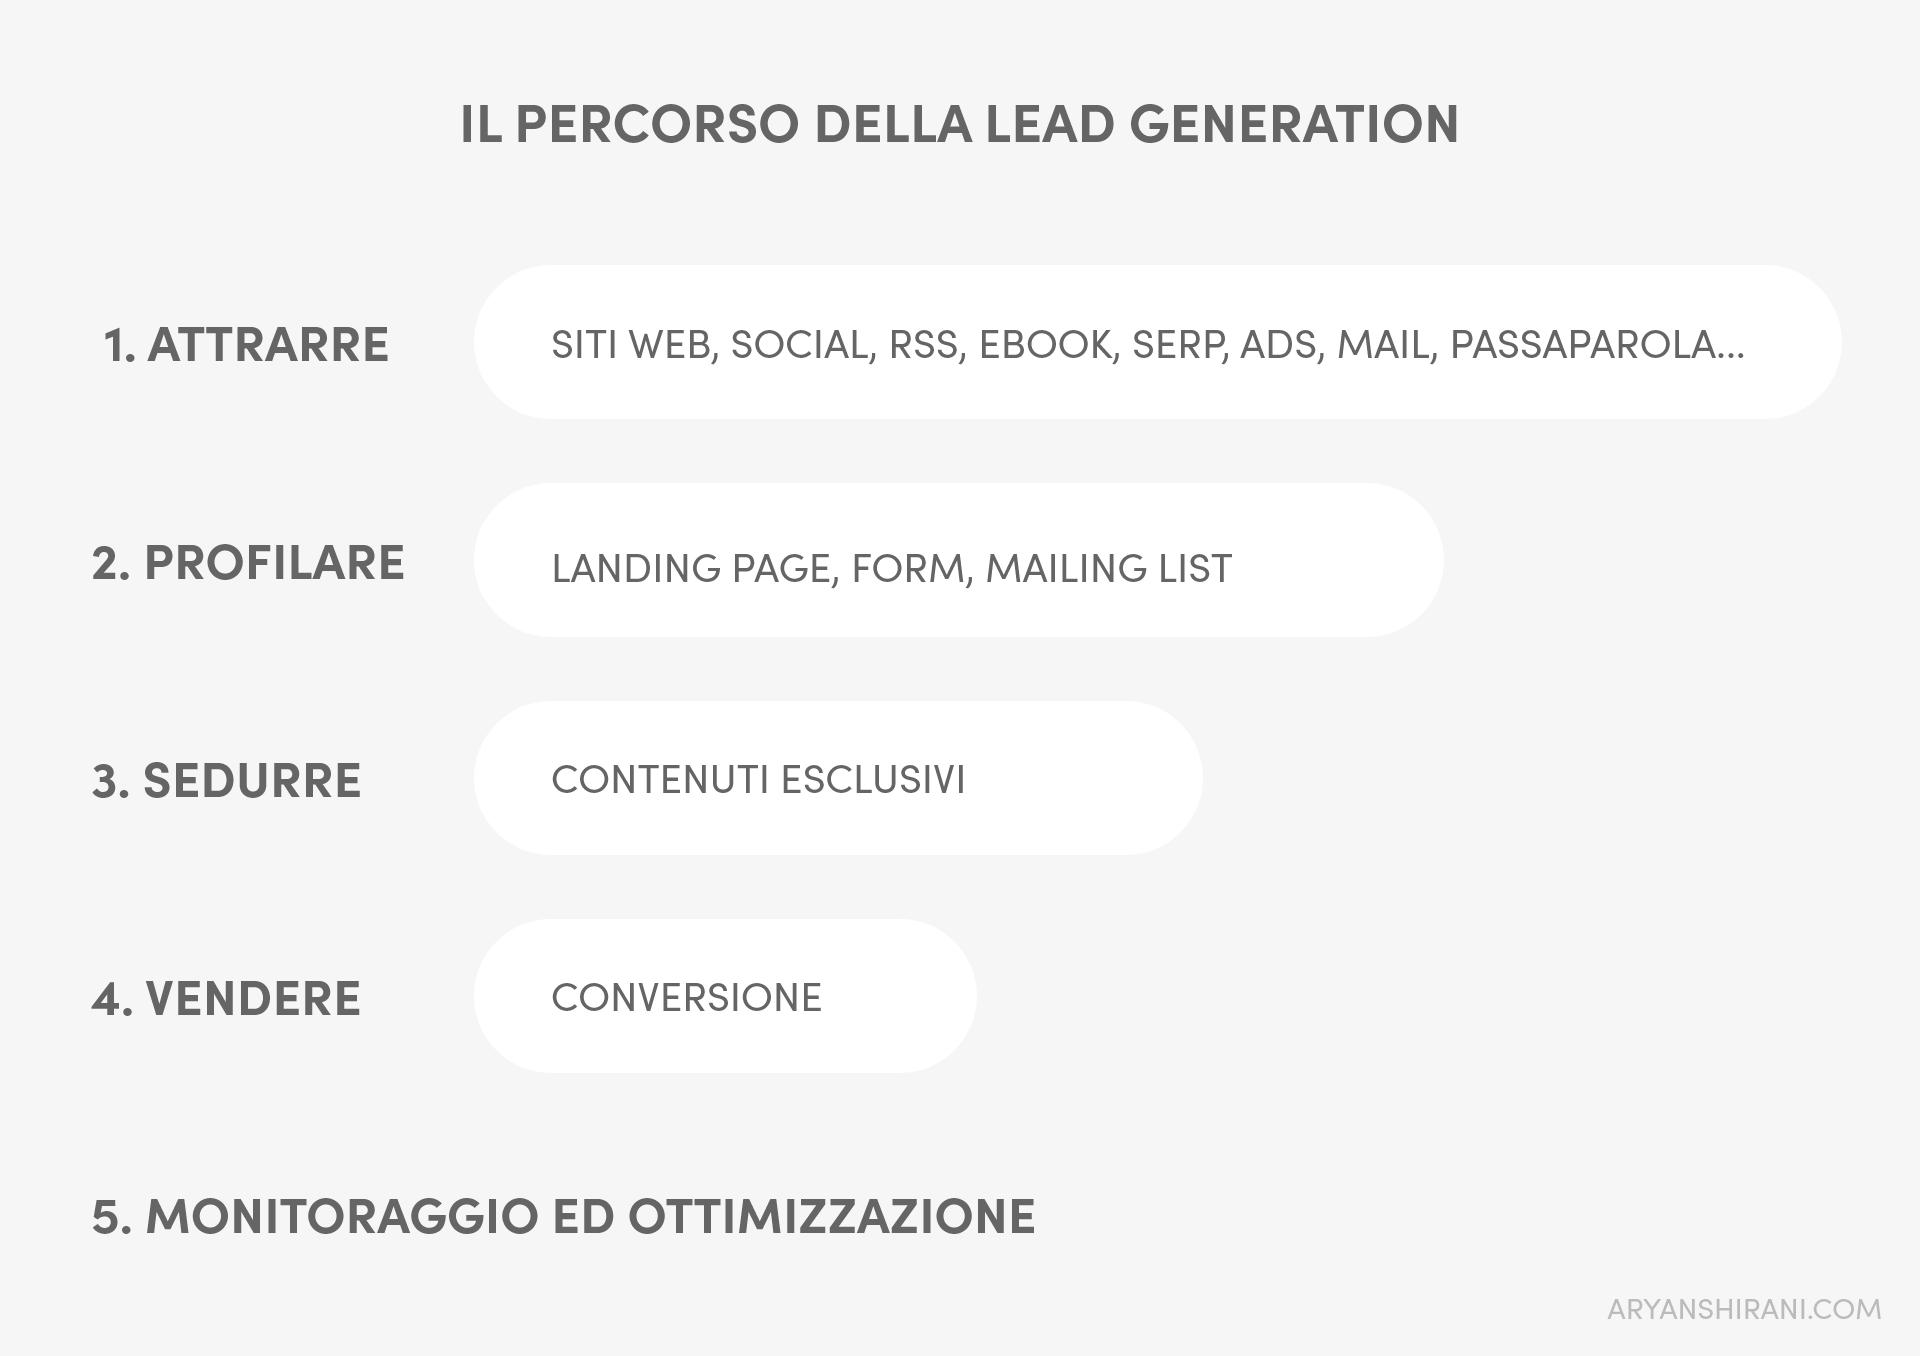 Il percorso della Lead Generation